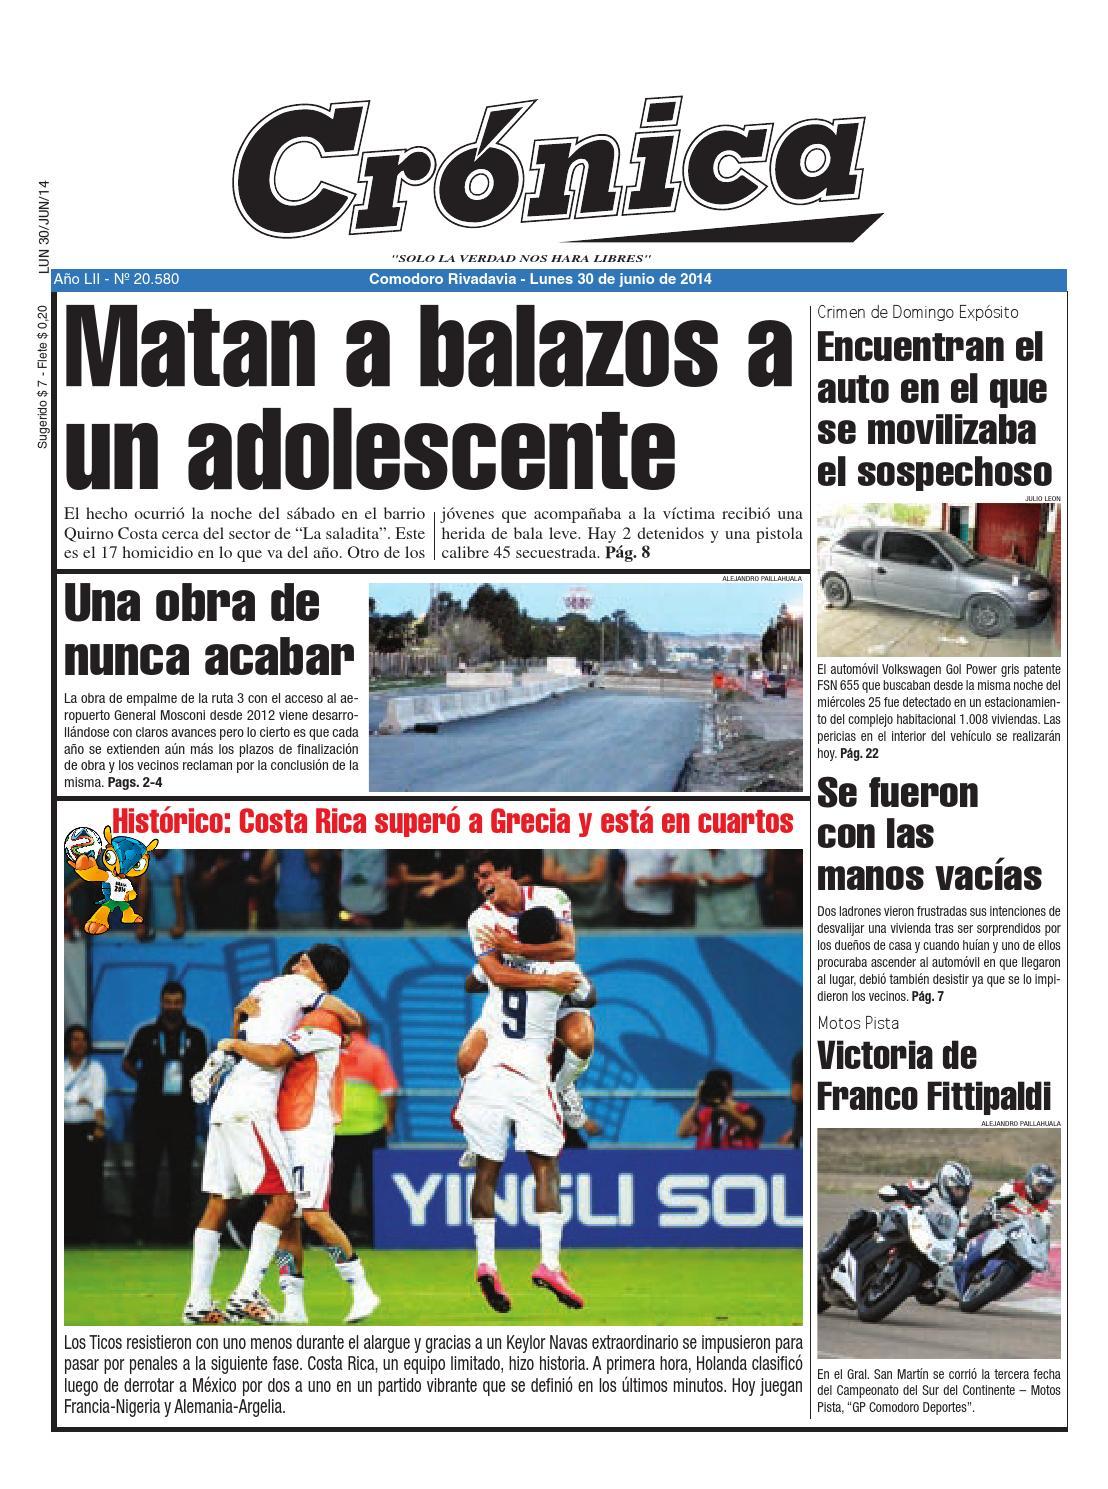 D29a4044c59aa4df0b41bbc96fb9335b by Diario Crónica - issuu